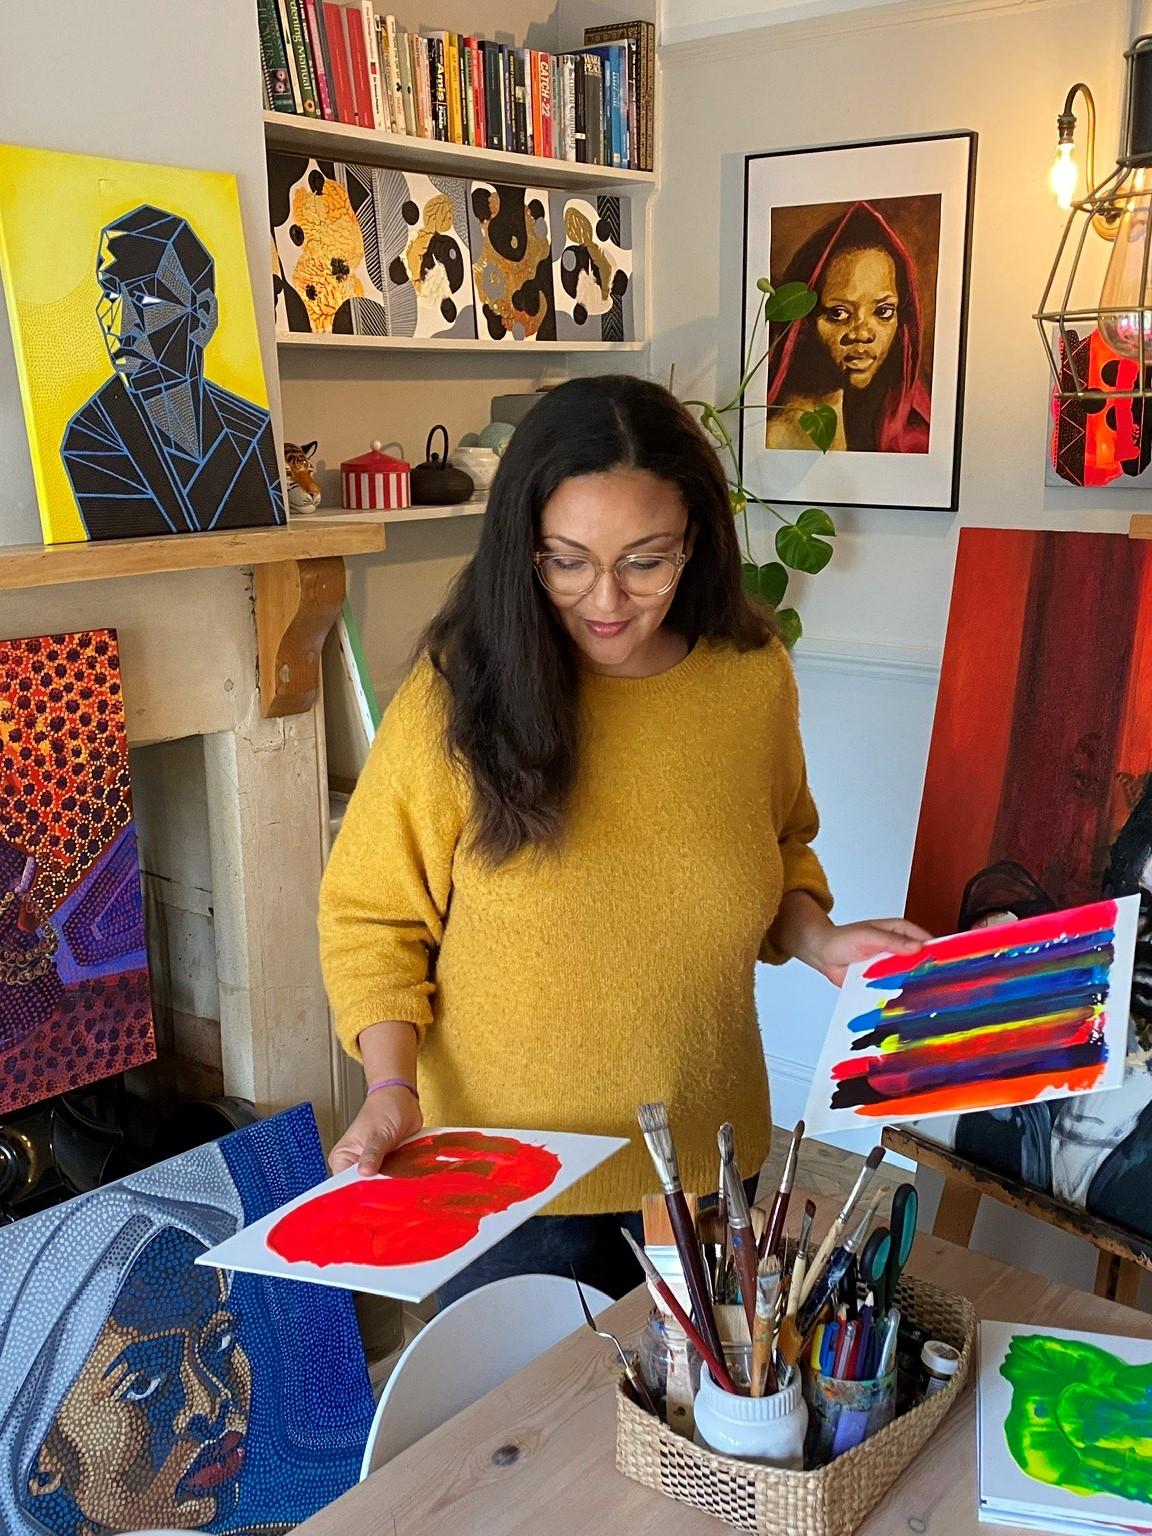 Natasha Sweeting in her painting studio